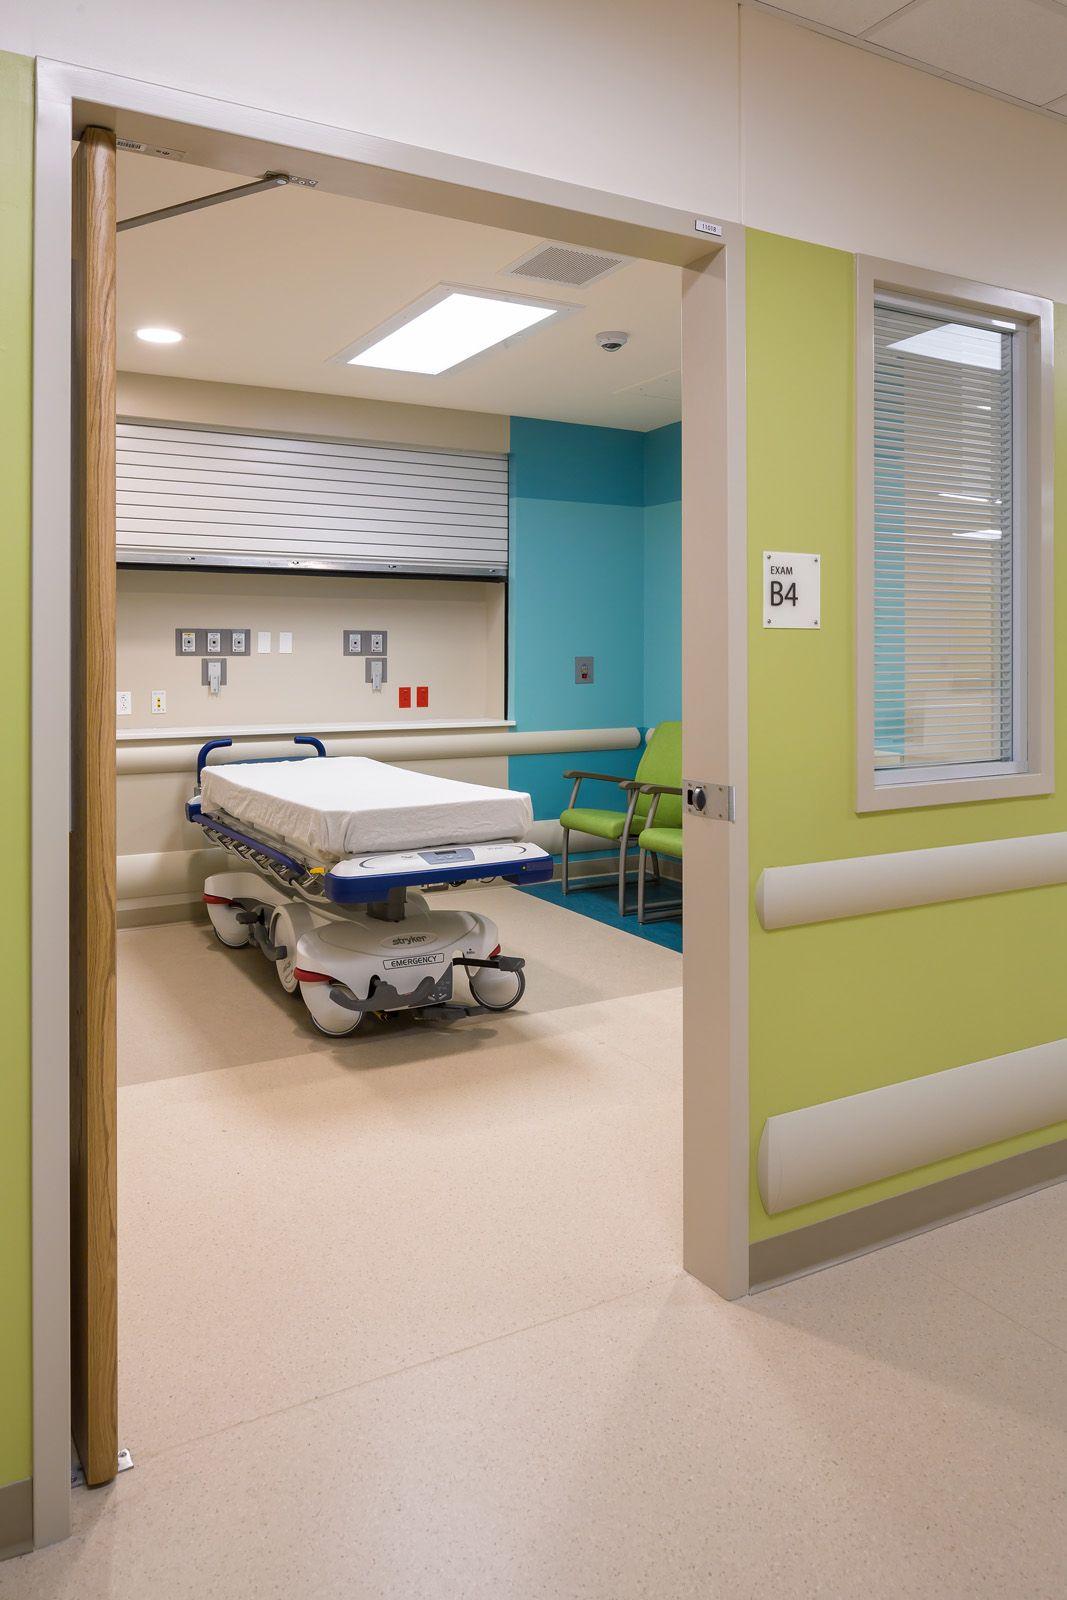 BehavioralHealth ED Room Akron Children's Hospital